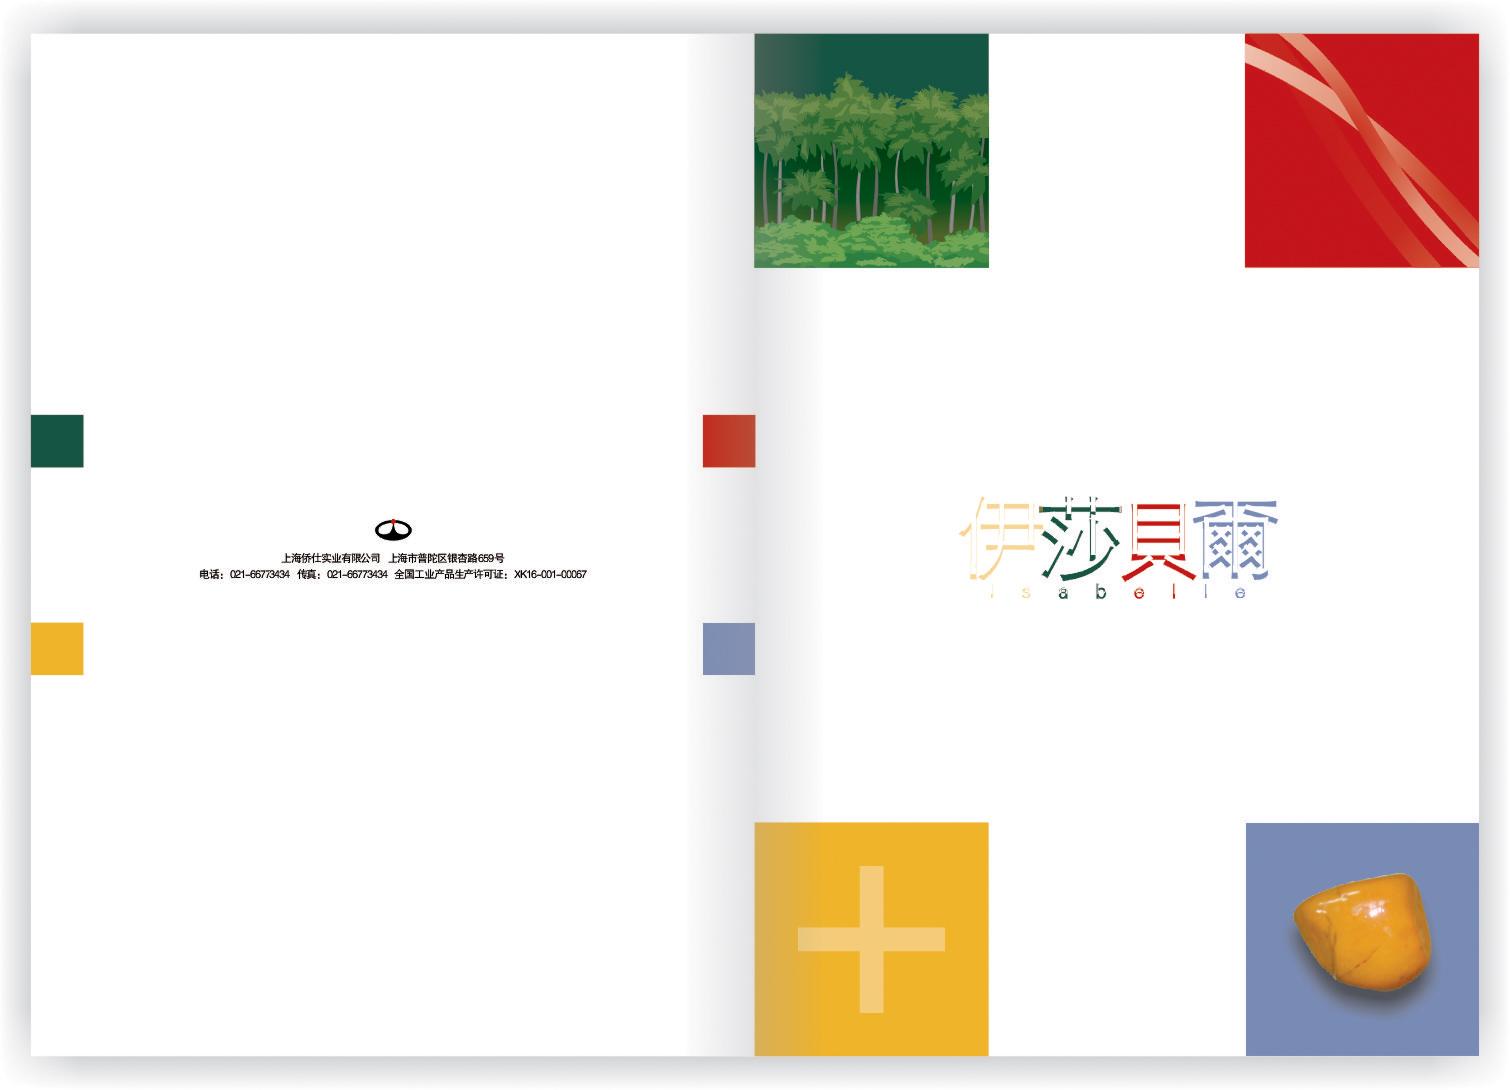 健康产品宣传册设计_1845858_k68威客网